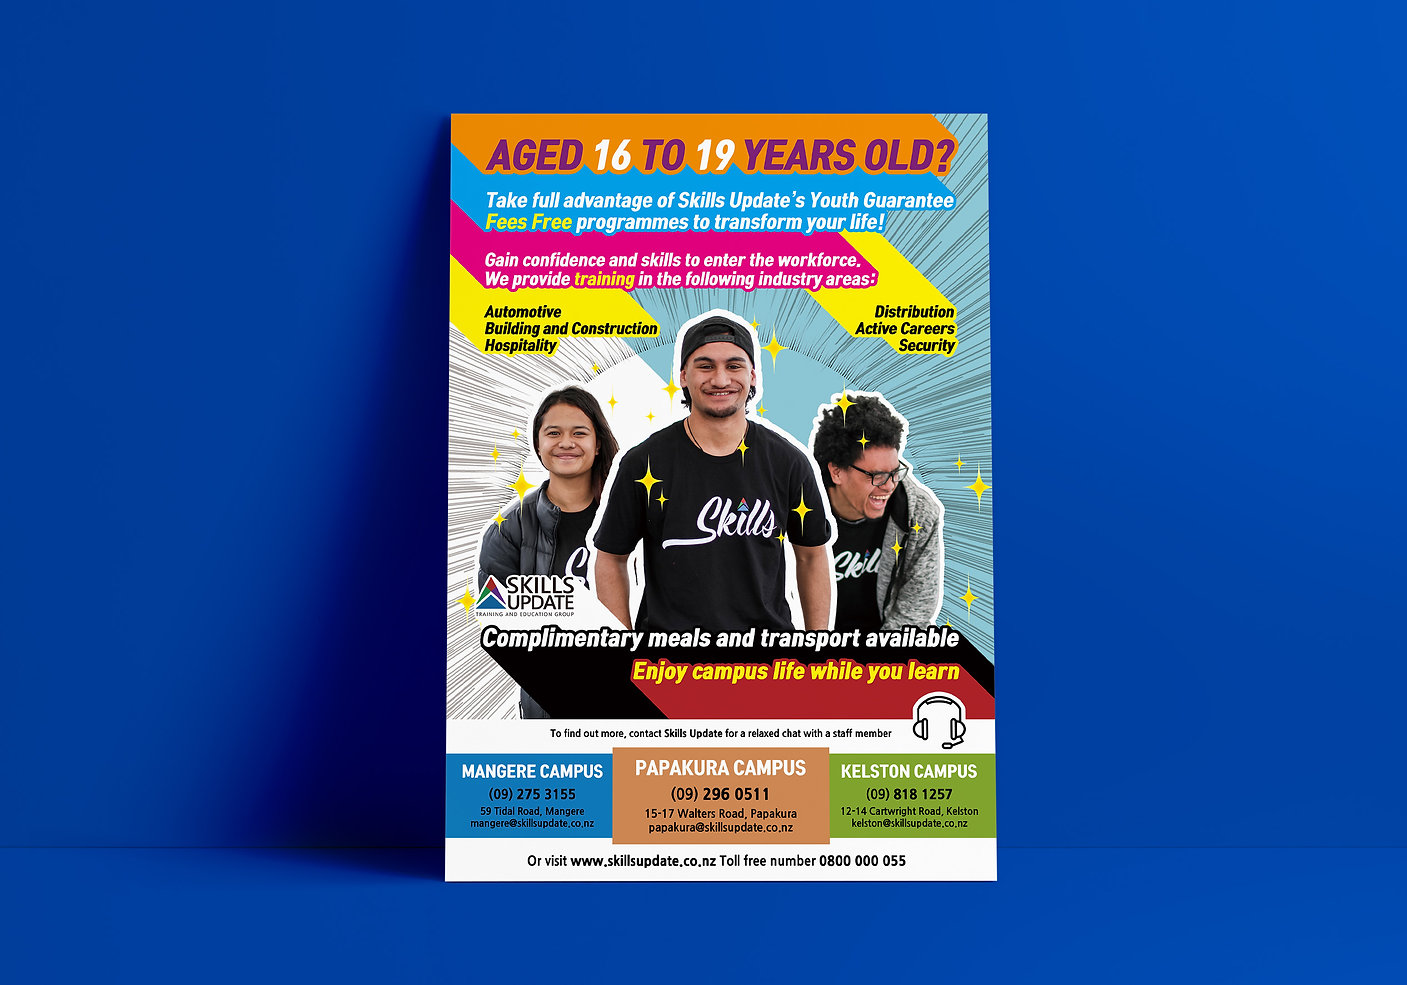 Poster-MockUp-Vert-and-Horiz-2.jpg